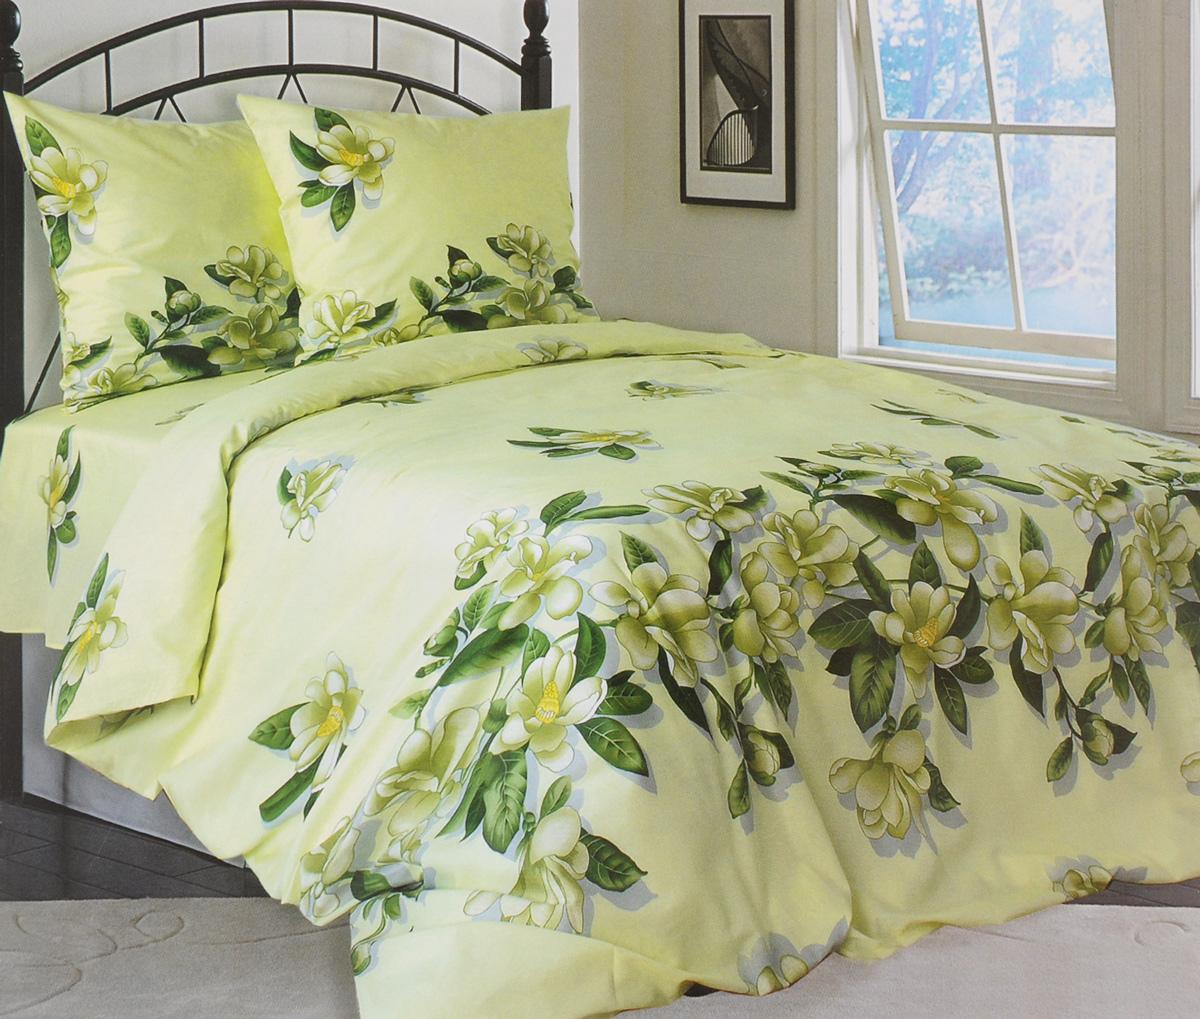 Комплект белья Катюша Юнона, 1,5-спальный, наволочки 70х70, цвет: зеленый, серый, желтыйC-129/4553Роскошный комплект белья Катюша Юнона, выполненный из бязи (100% натуральногохлопка), состоит из пододеяльника, простыни и двух наволочек. Постельное белье оформлено изображением цветов и имеет изысканный внешний вид. Бязь - это ткань полотняного переплетения, изготовленная из экологически чистого и натурального 100% хлопка.Она приятная на ощупь, при этом очень прочная, хорошо сохраняет форму и легко гладится. Ткань прекрасно пропускает воздух и за ней легко ухаживать. Приобретая комплект постельного белья Катюша Юнона, вы можете быть уверенны в том, что покупка доставит вам и вашим близким удовольствие и подарит максимальный комфорт.